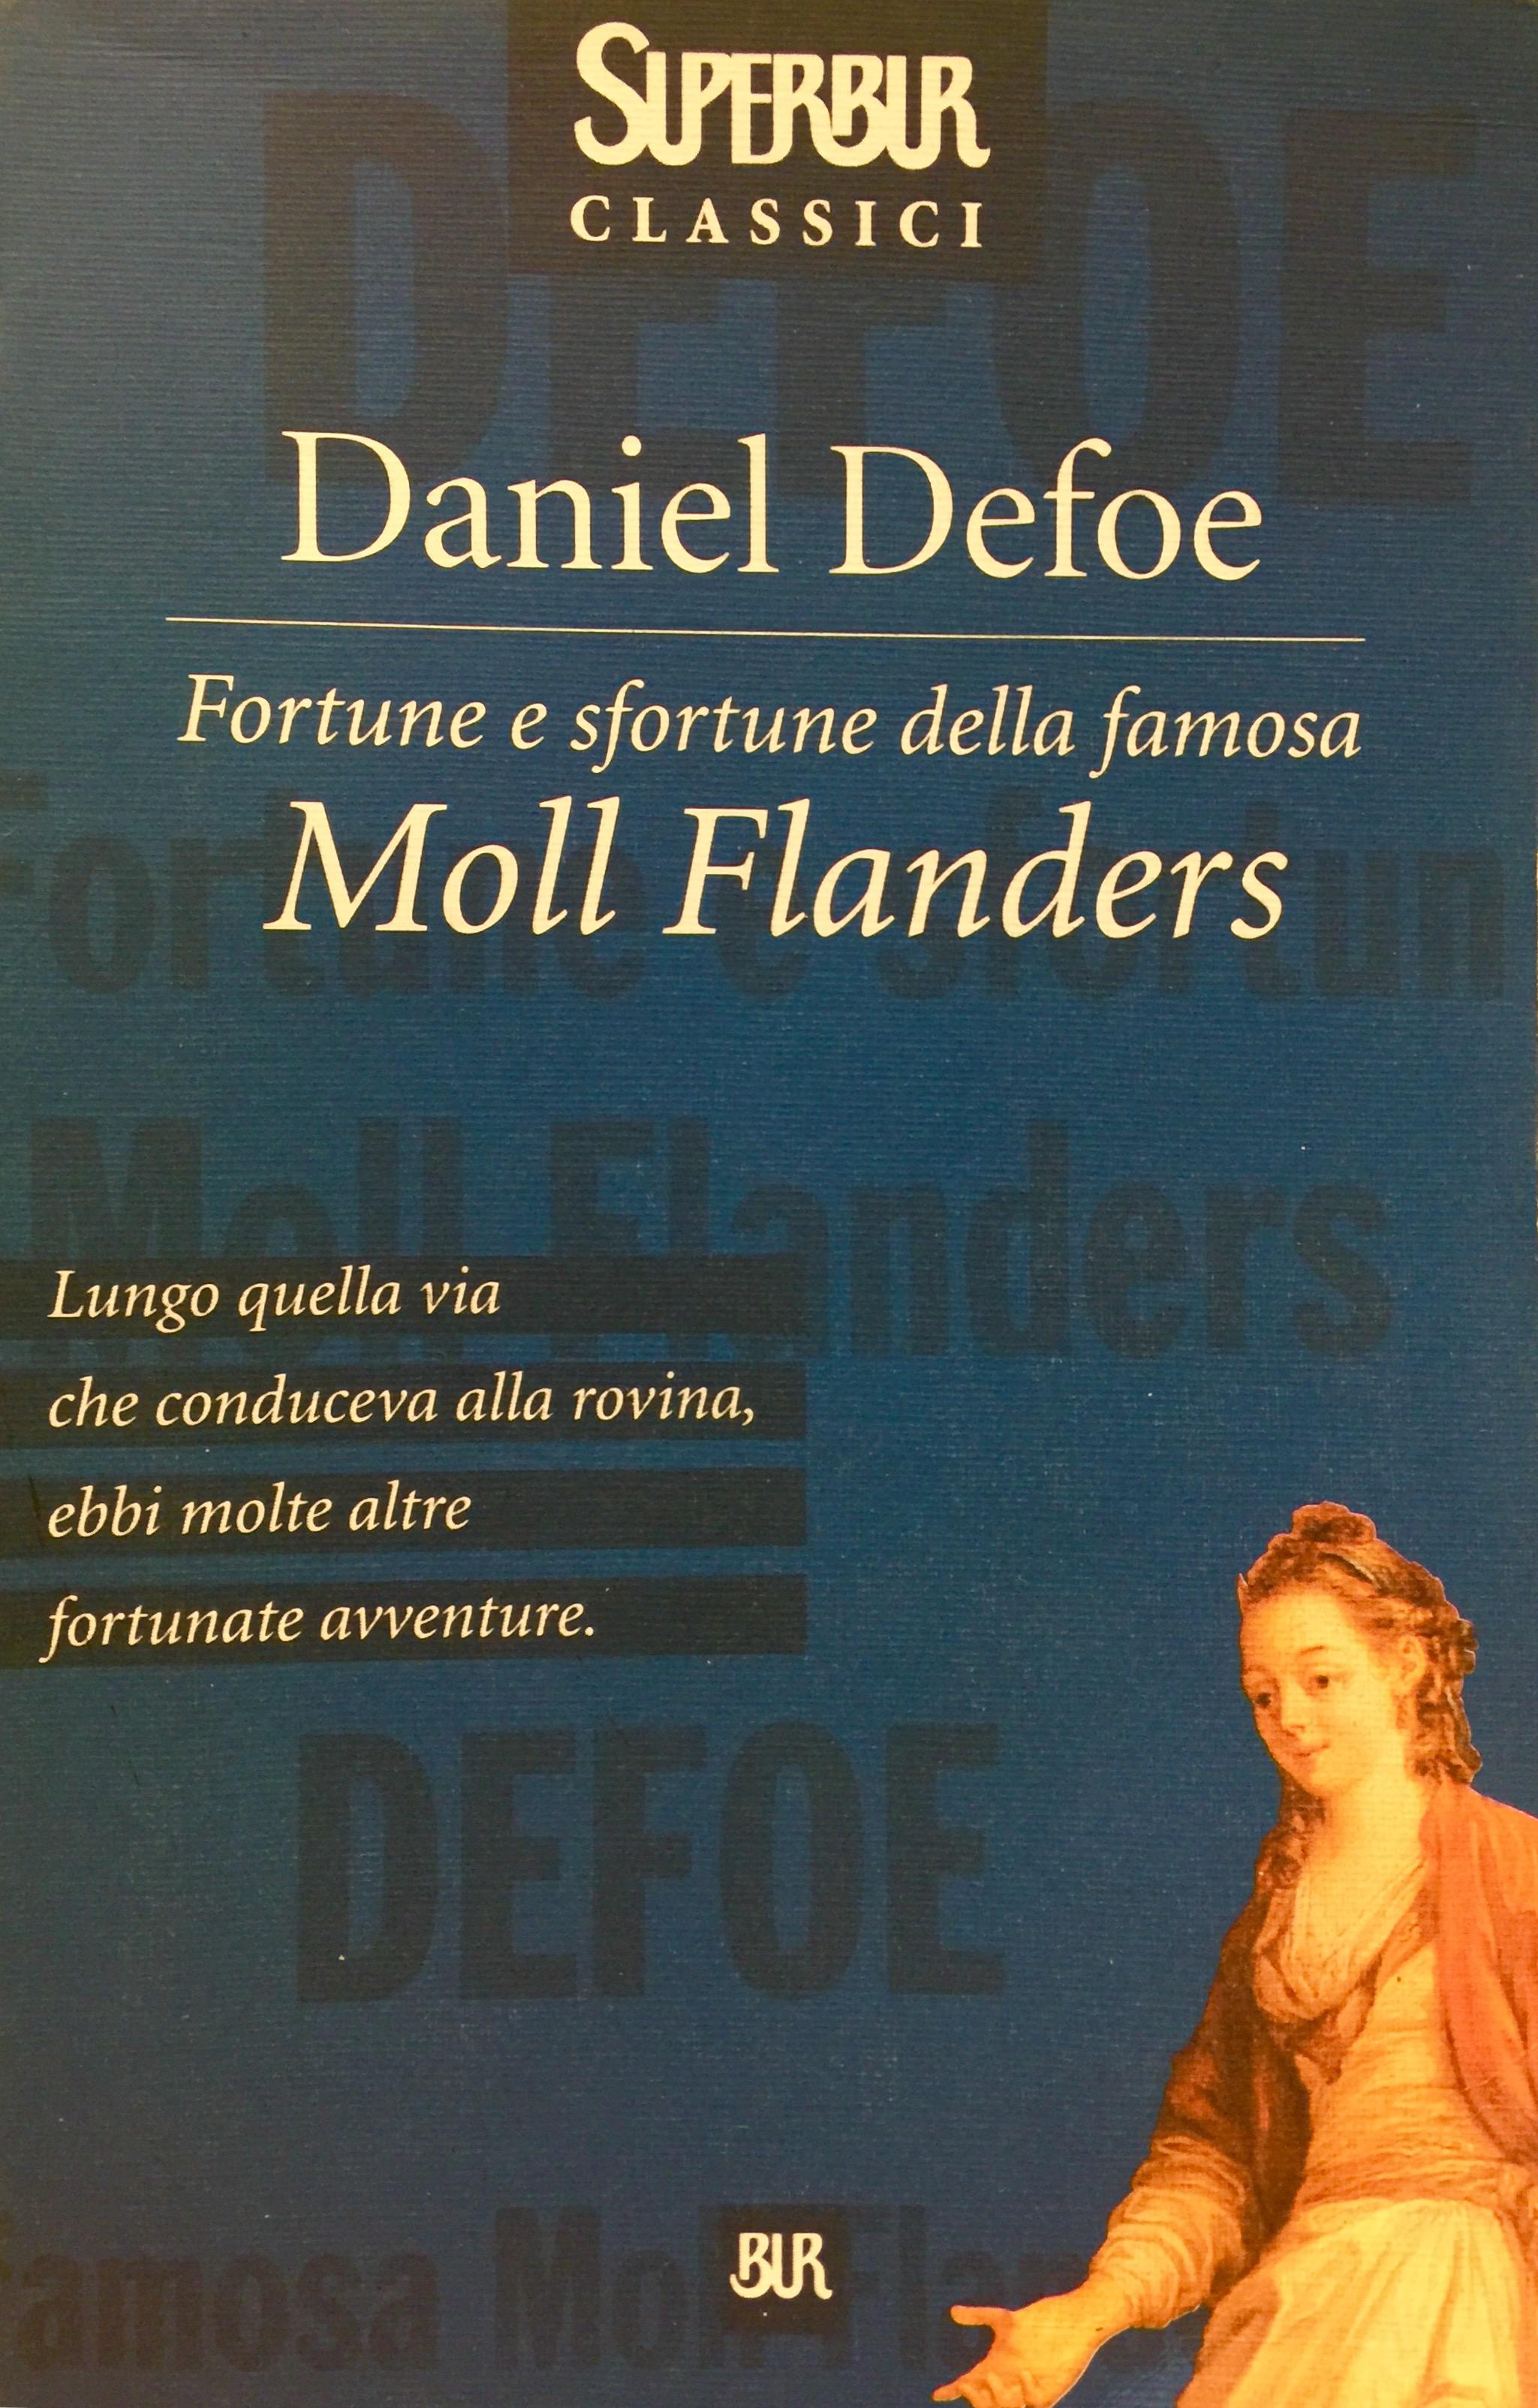 Daniel Defoe, Fortune e sfortune della famosa Moll Flanders, Rizzoli